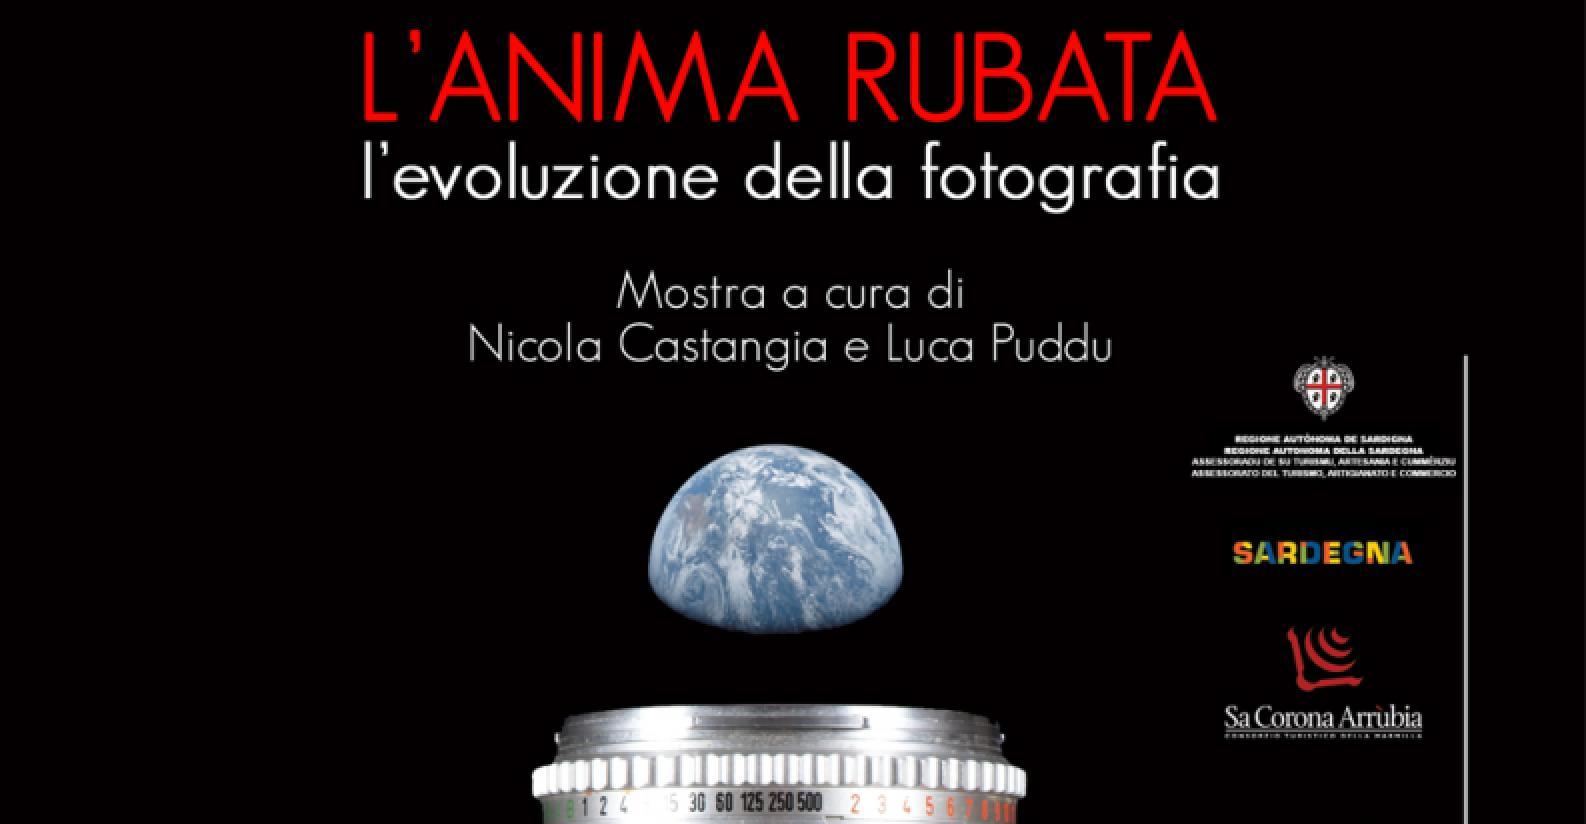 L'Anima Rubata